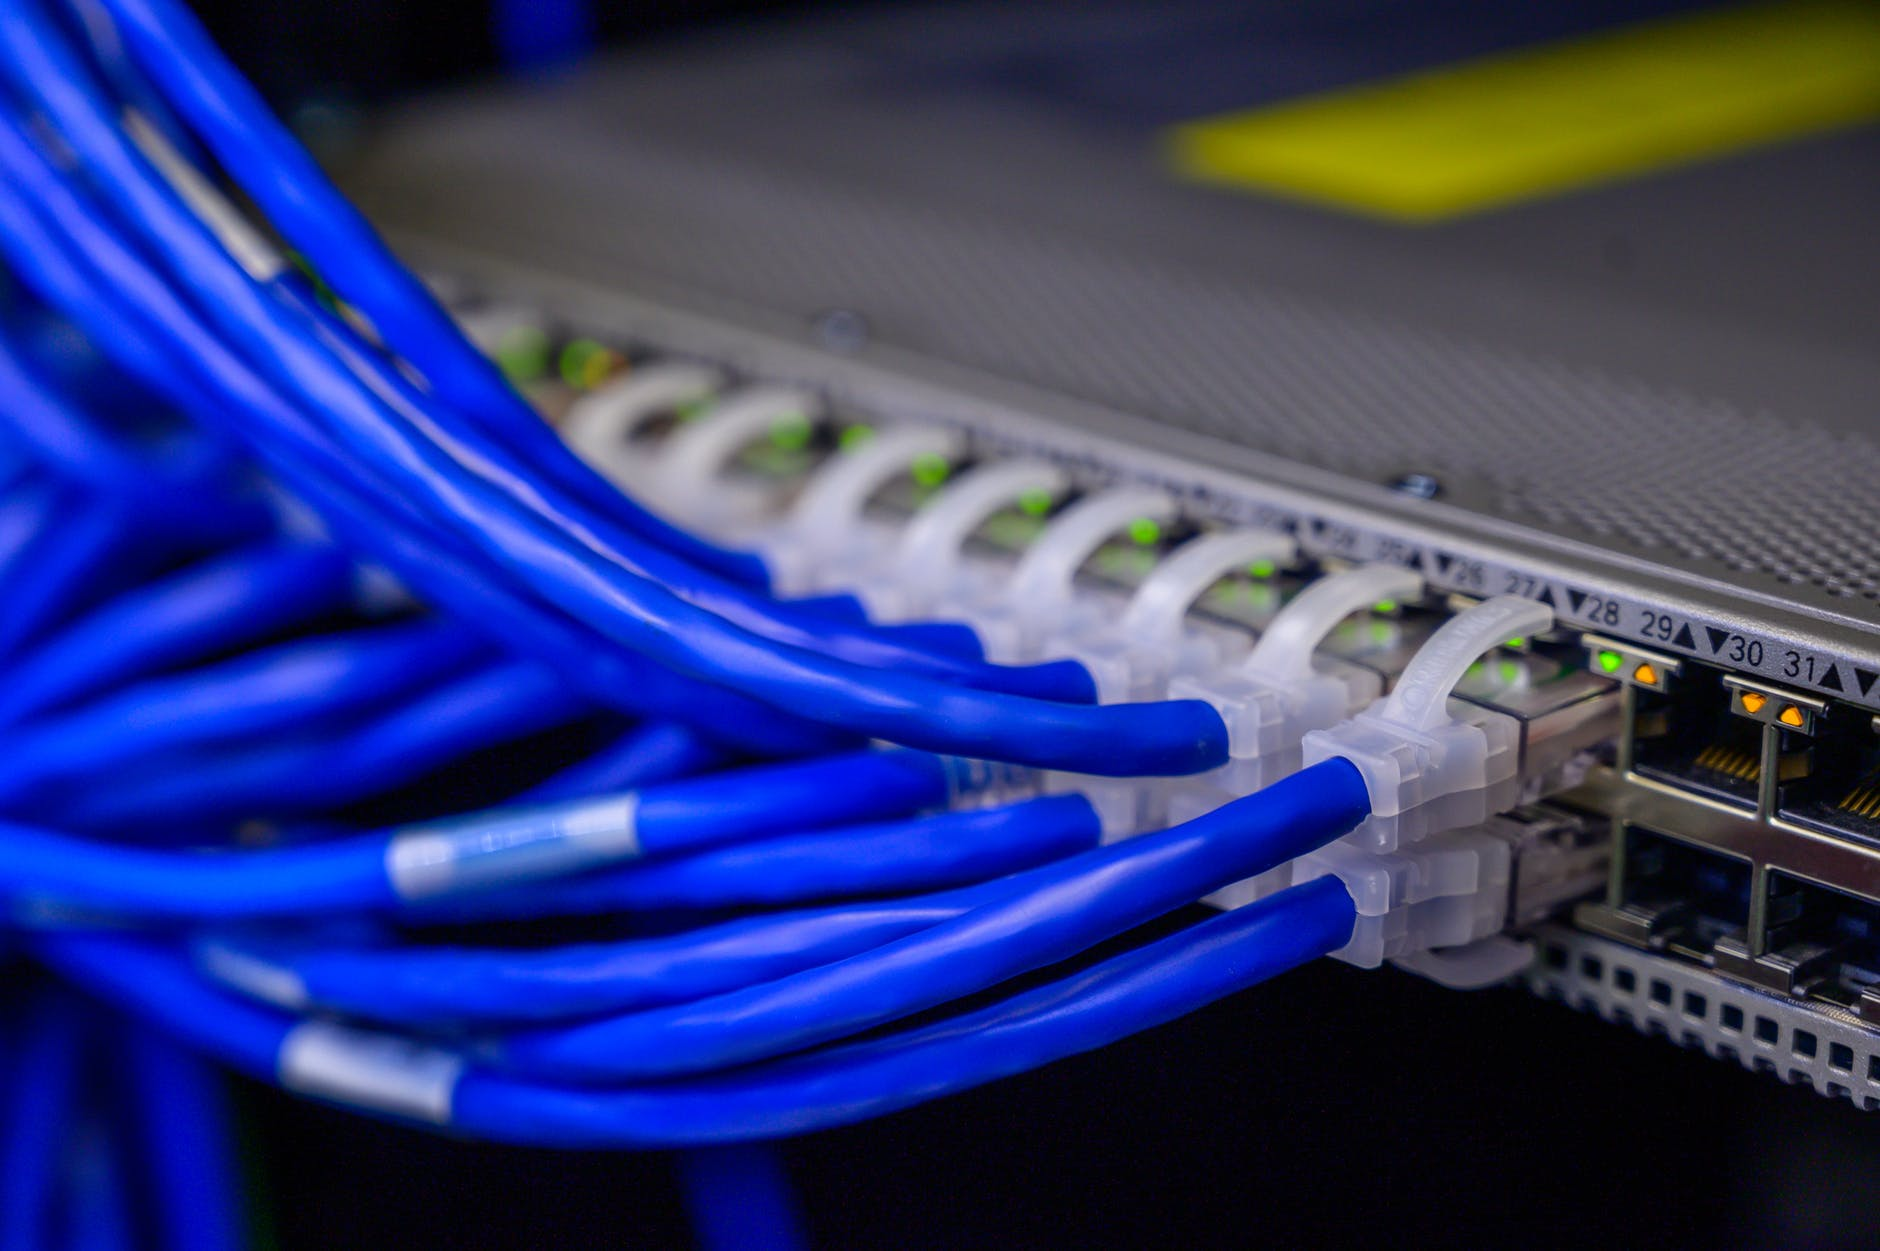 ¿Cómo elegir el mejor «hosting»? 7 claves para escoger al proveedor